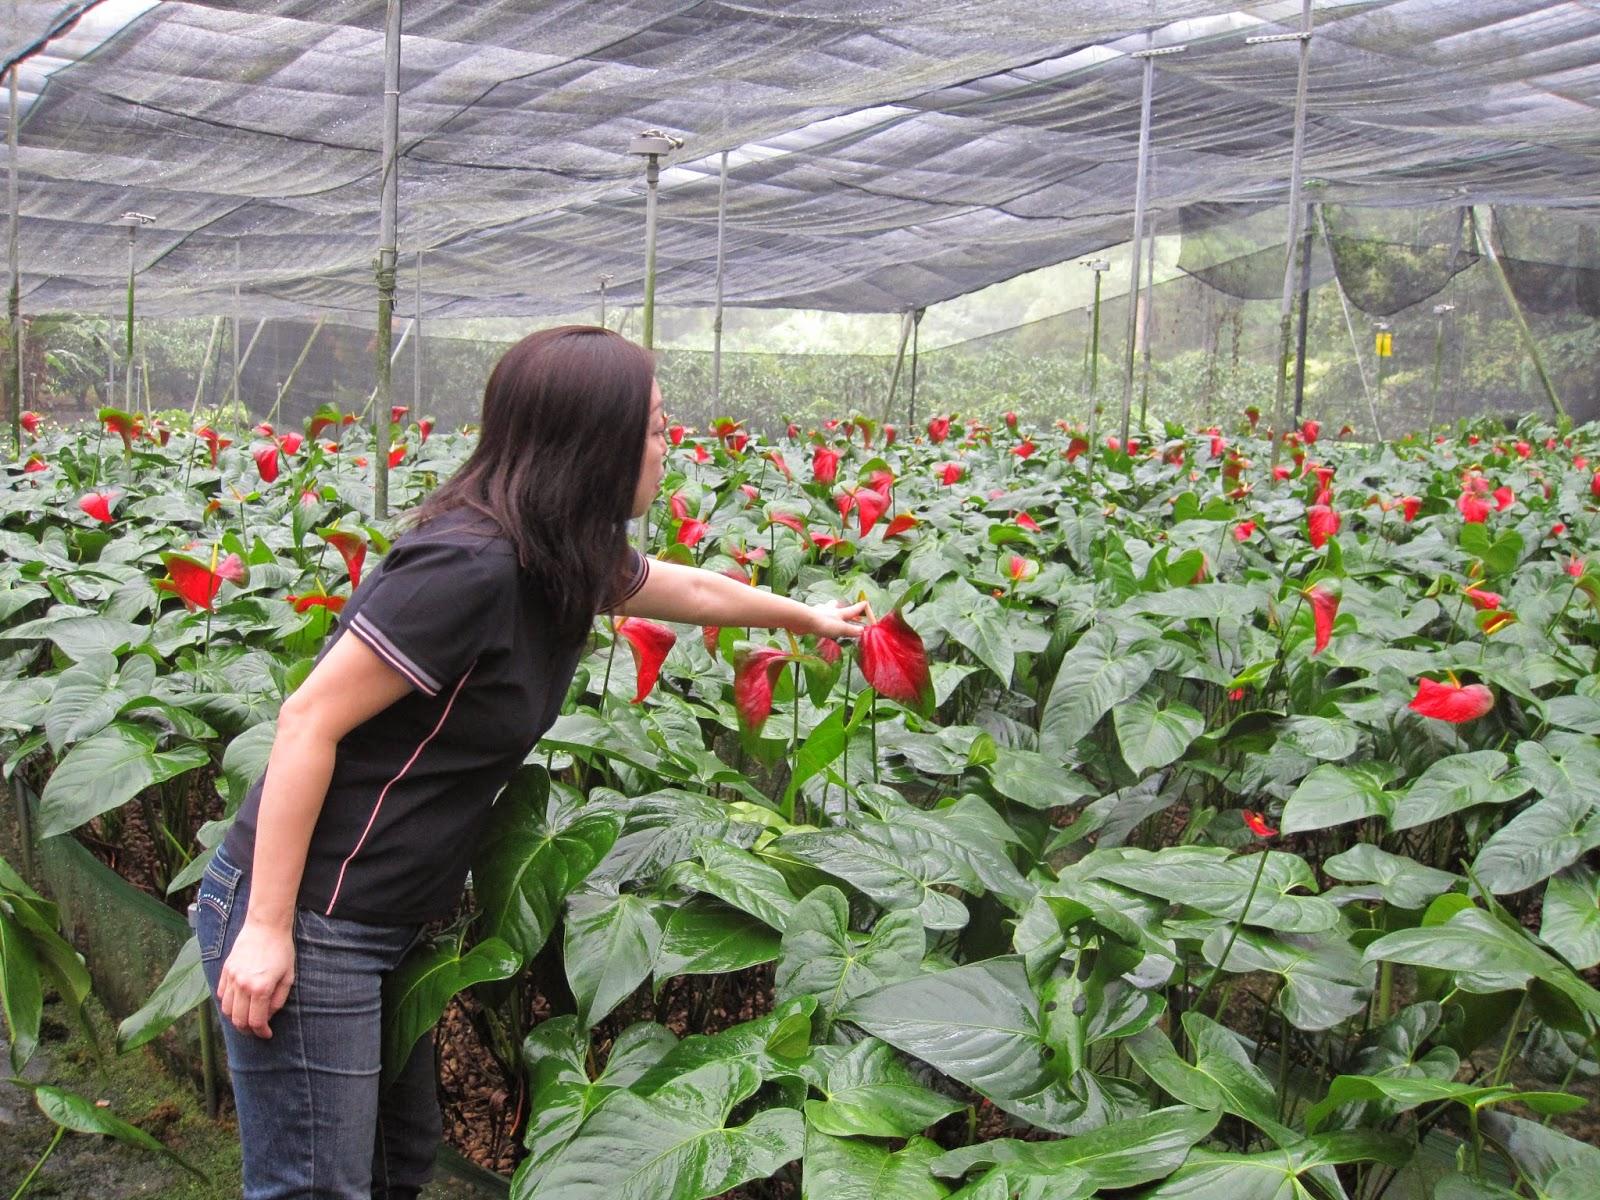 Estudiando agricultura en taiw n c scara de man for Jardines de anturios